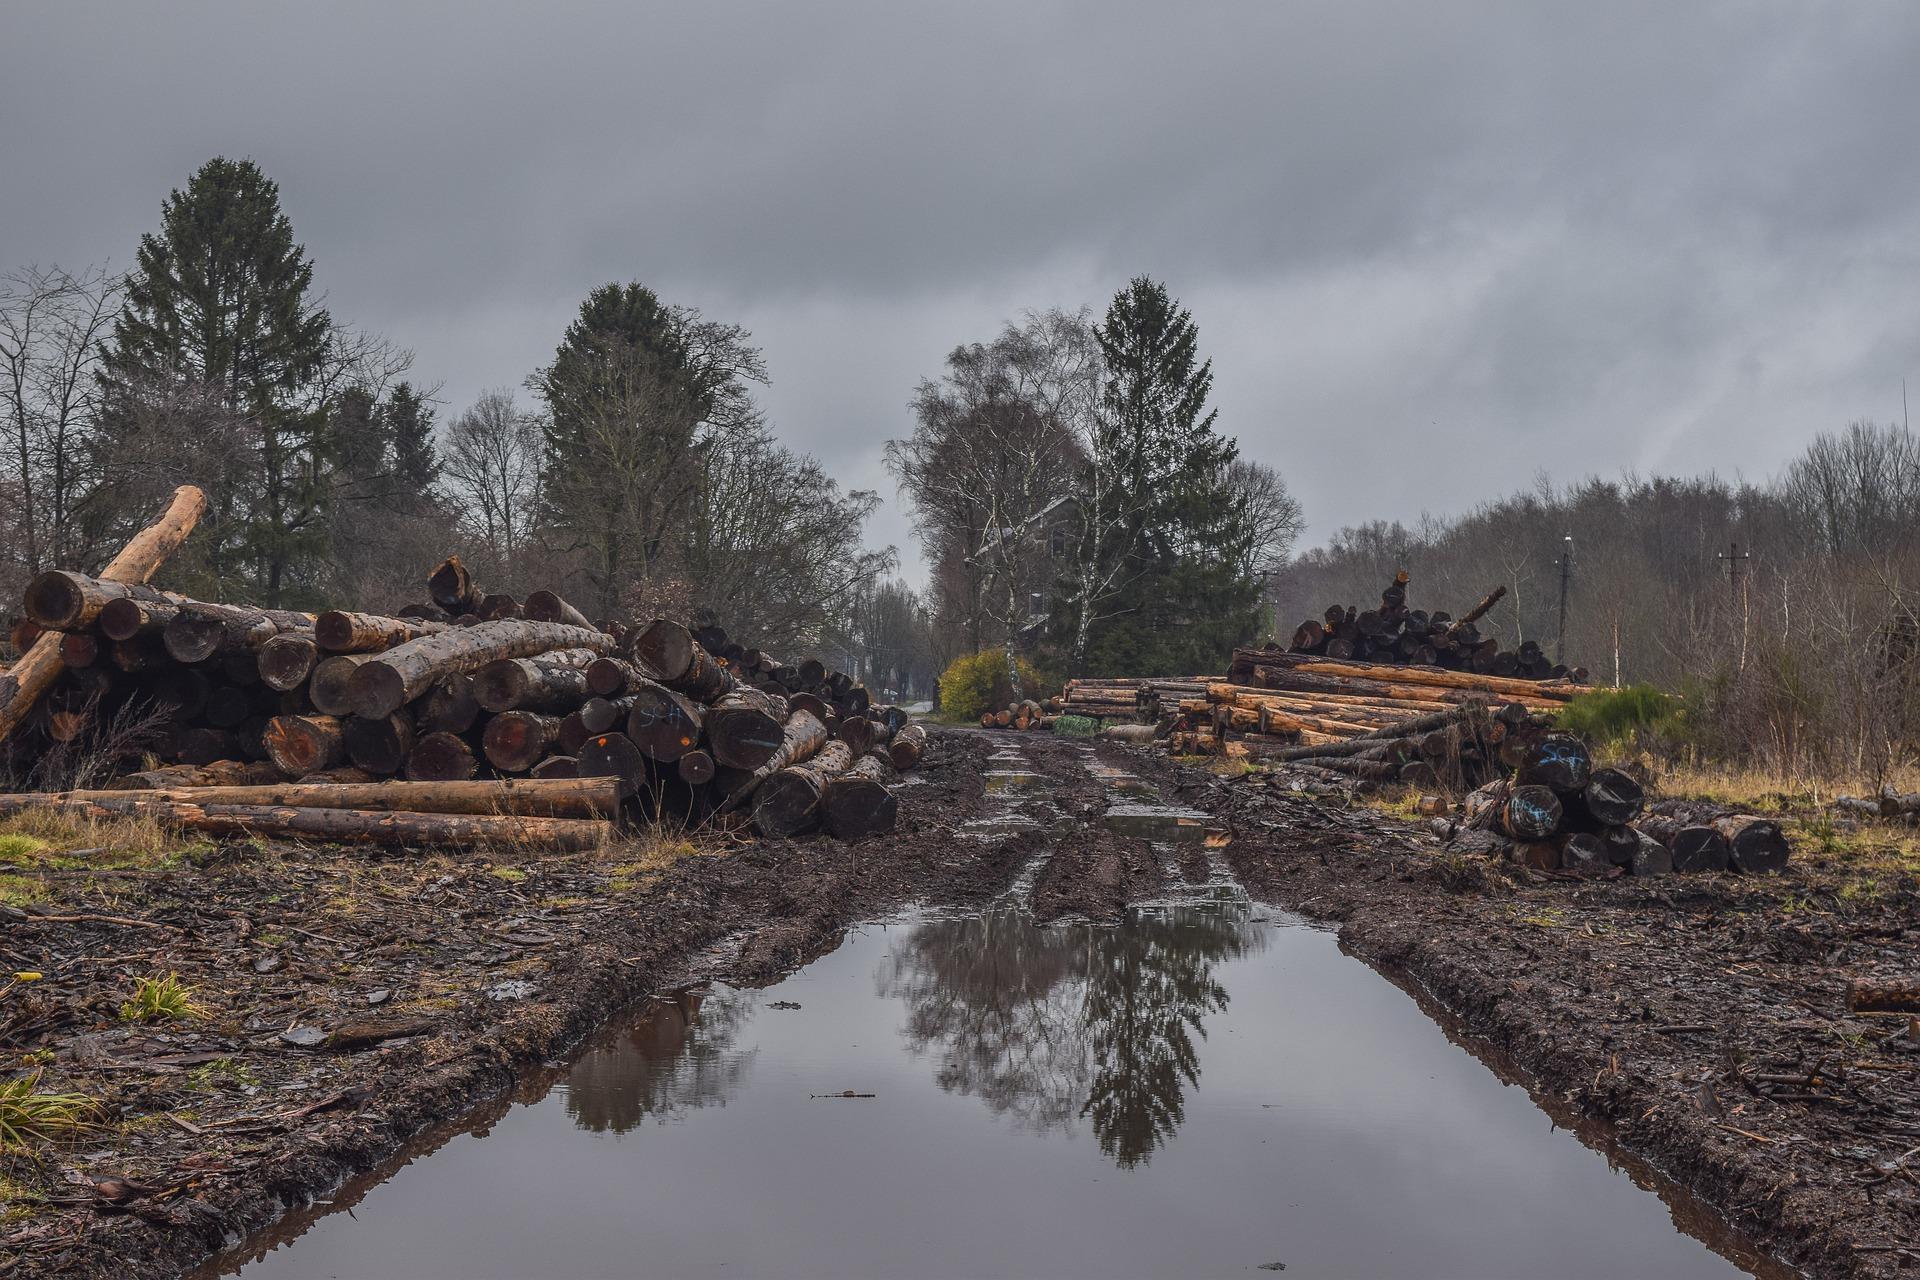 森林破壊の現状 具体的な問題は?